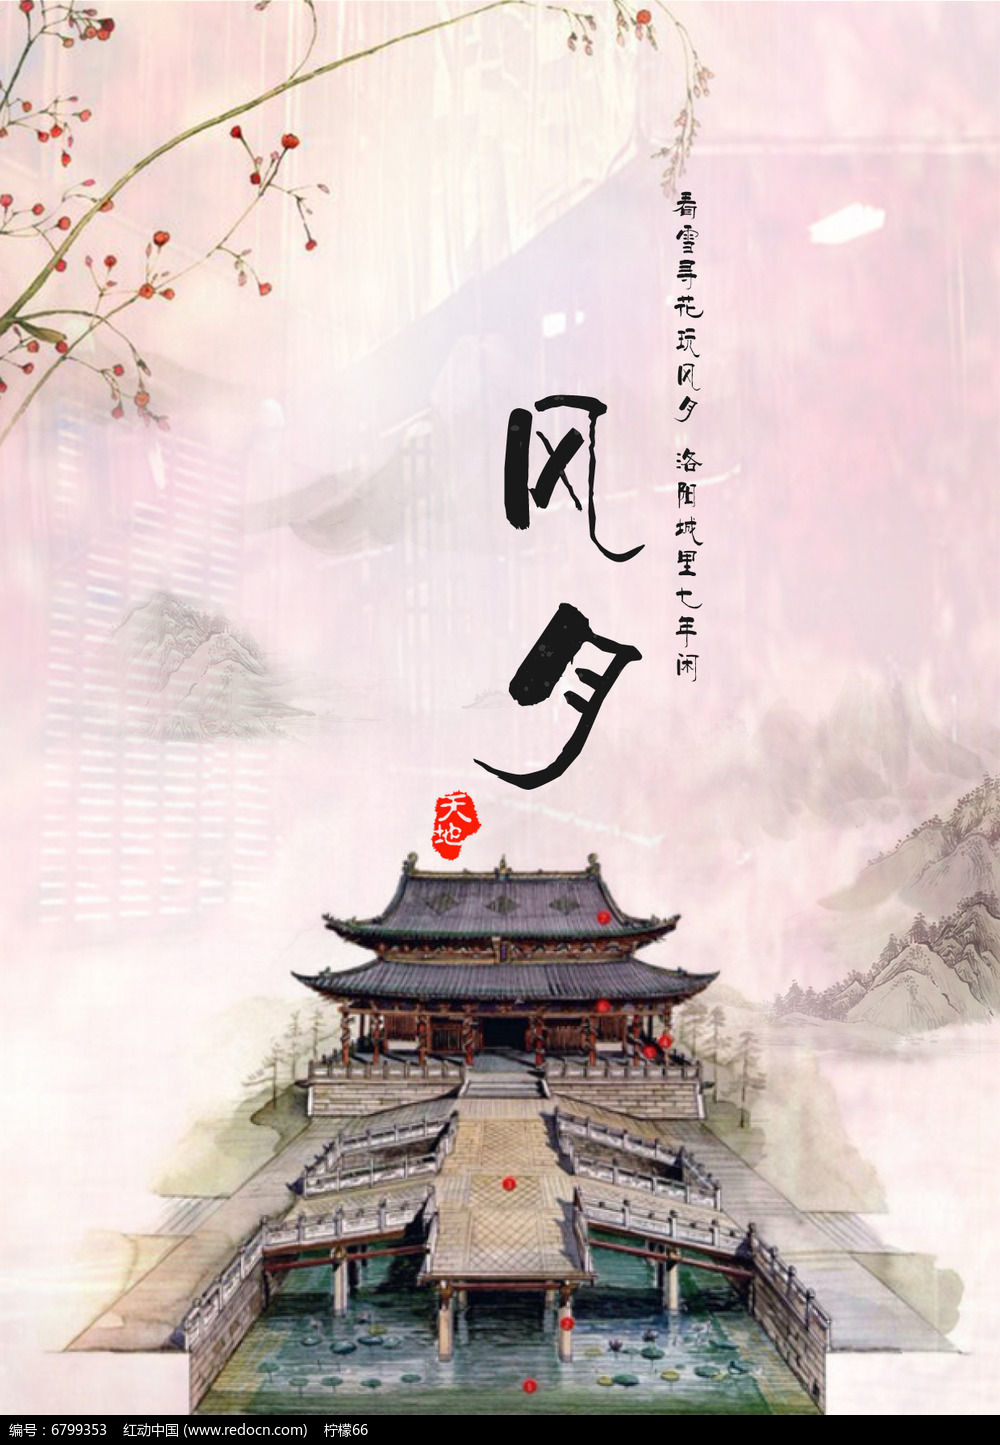 中国风古风唯美水墨海报插画psd分层图片